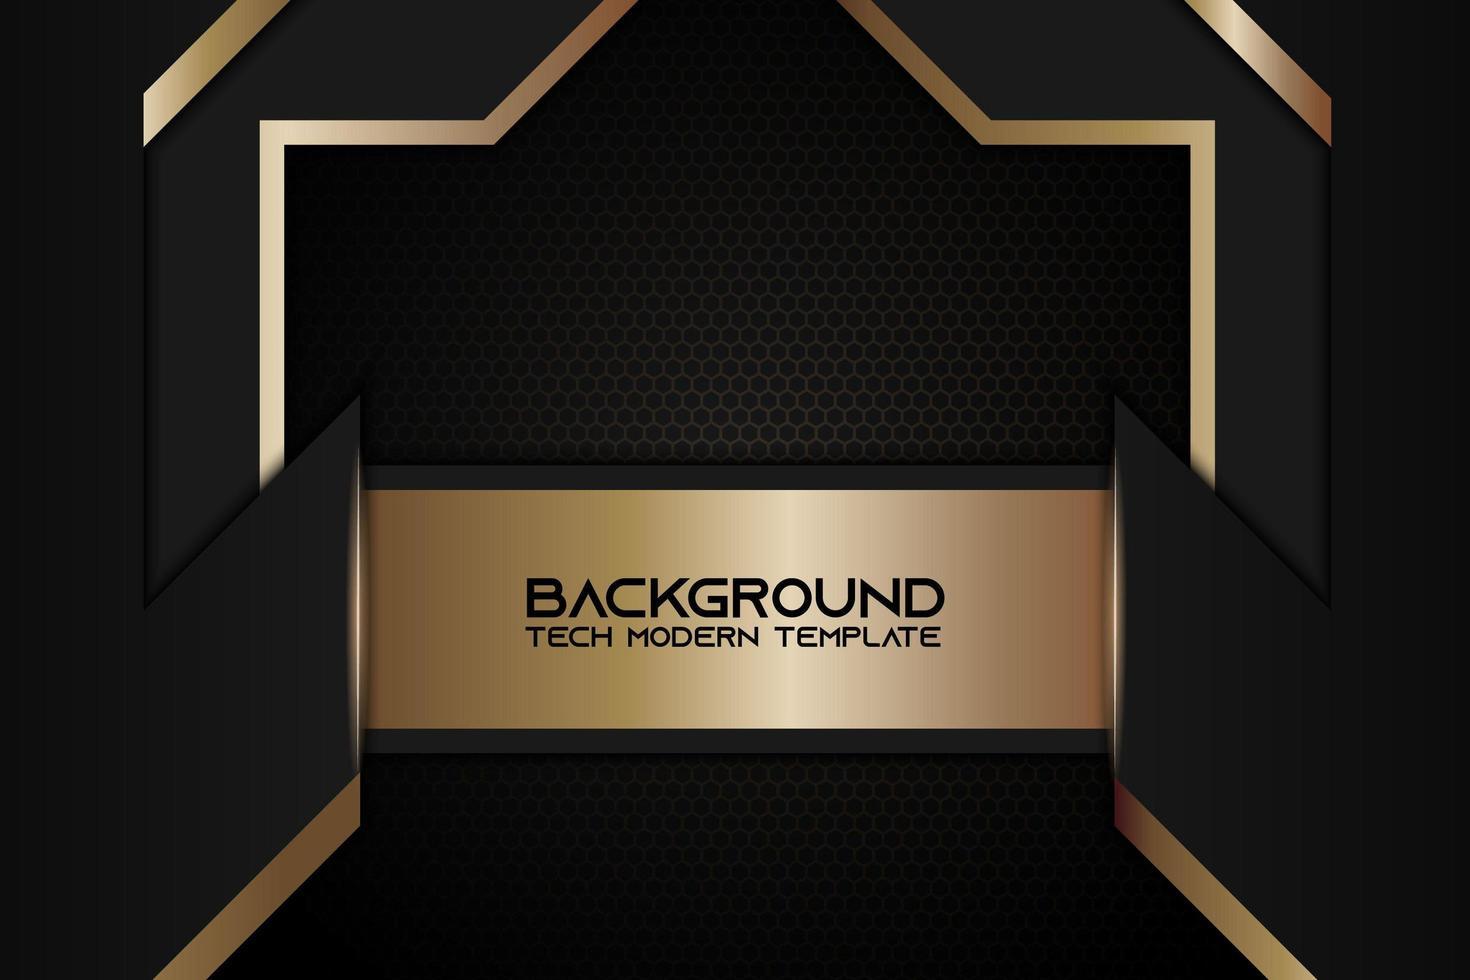 sfondo metallico ad angolo con cornice nera dorata vettore